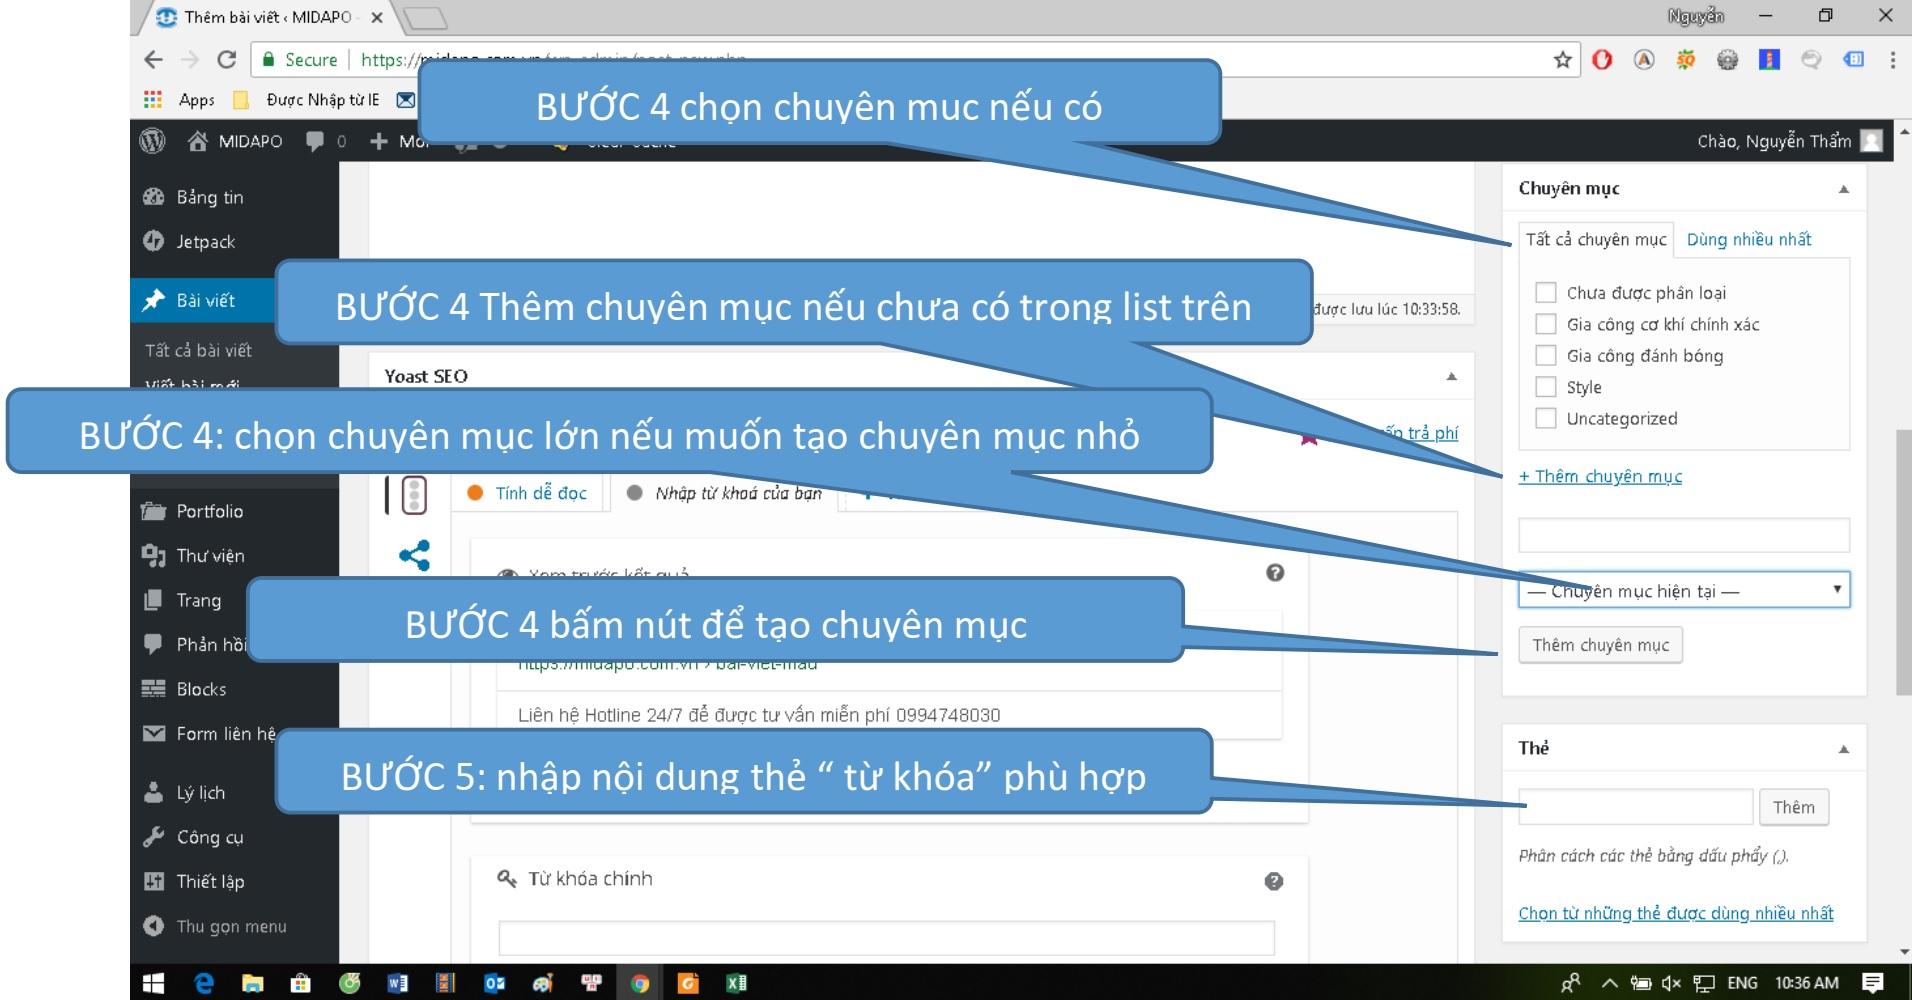 qproweb huong dan su dung wordpress dang bai viet buoc 4 5